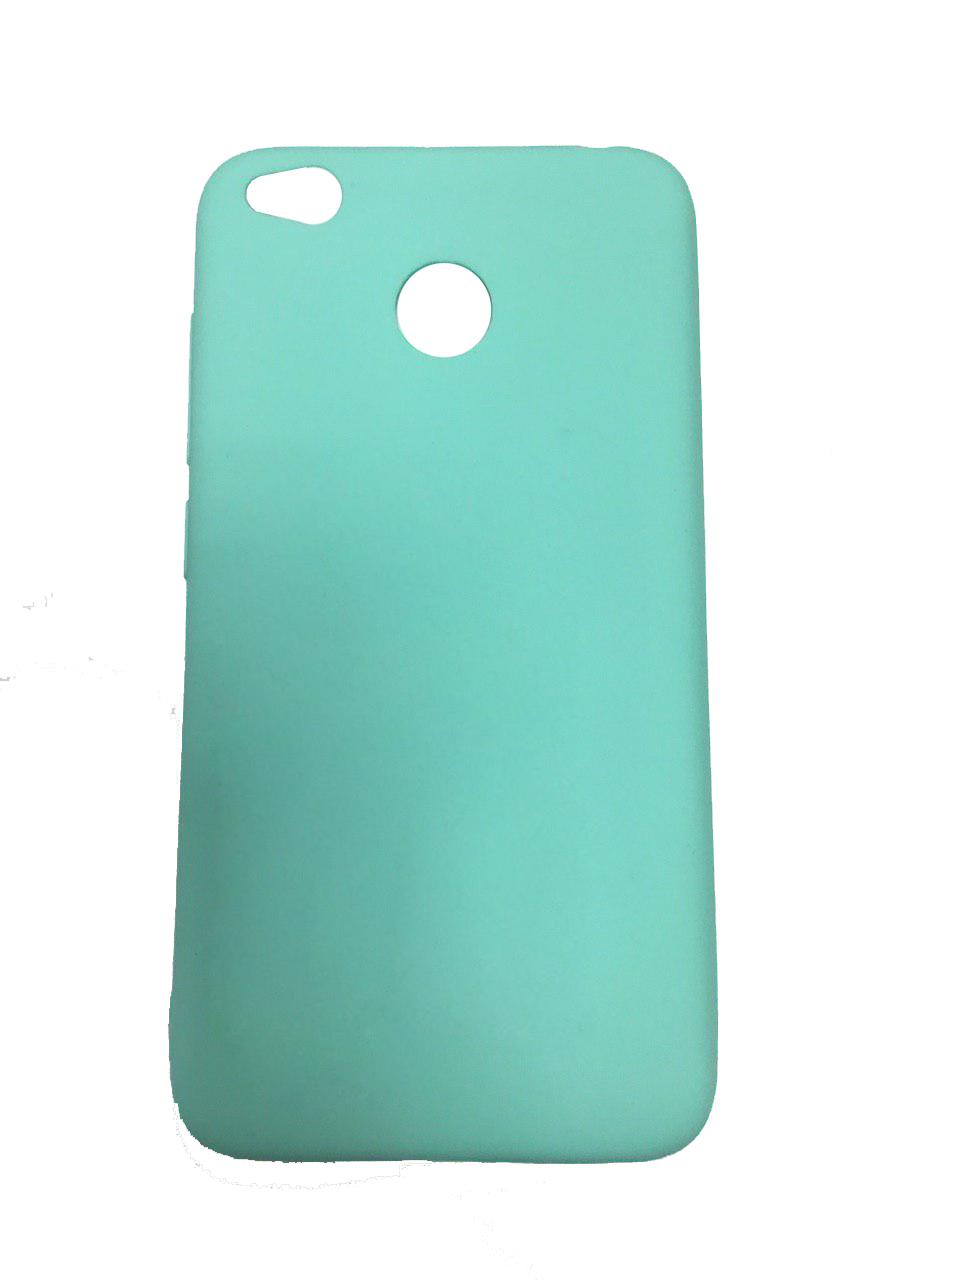 цена на Чехол для Xiaomi Redmi 4X Чехол для Xiaomi Redmi 4X (Бирюзовый)